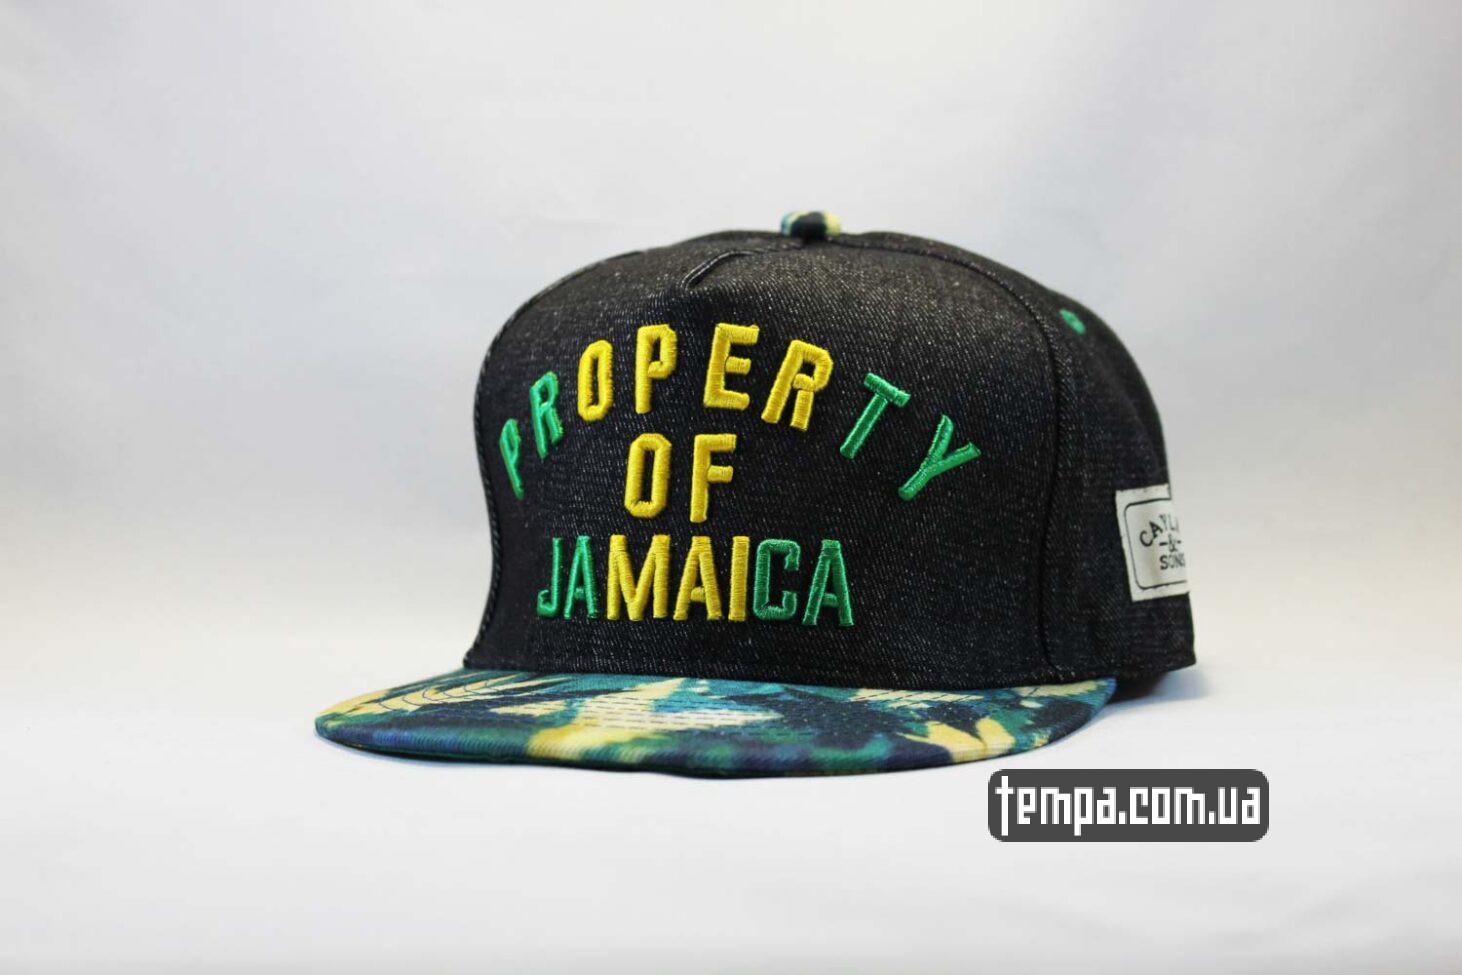 кепка Snapback Property of Jamaica Cayler and Sons бейсболка купить